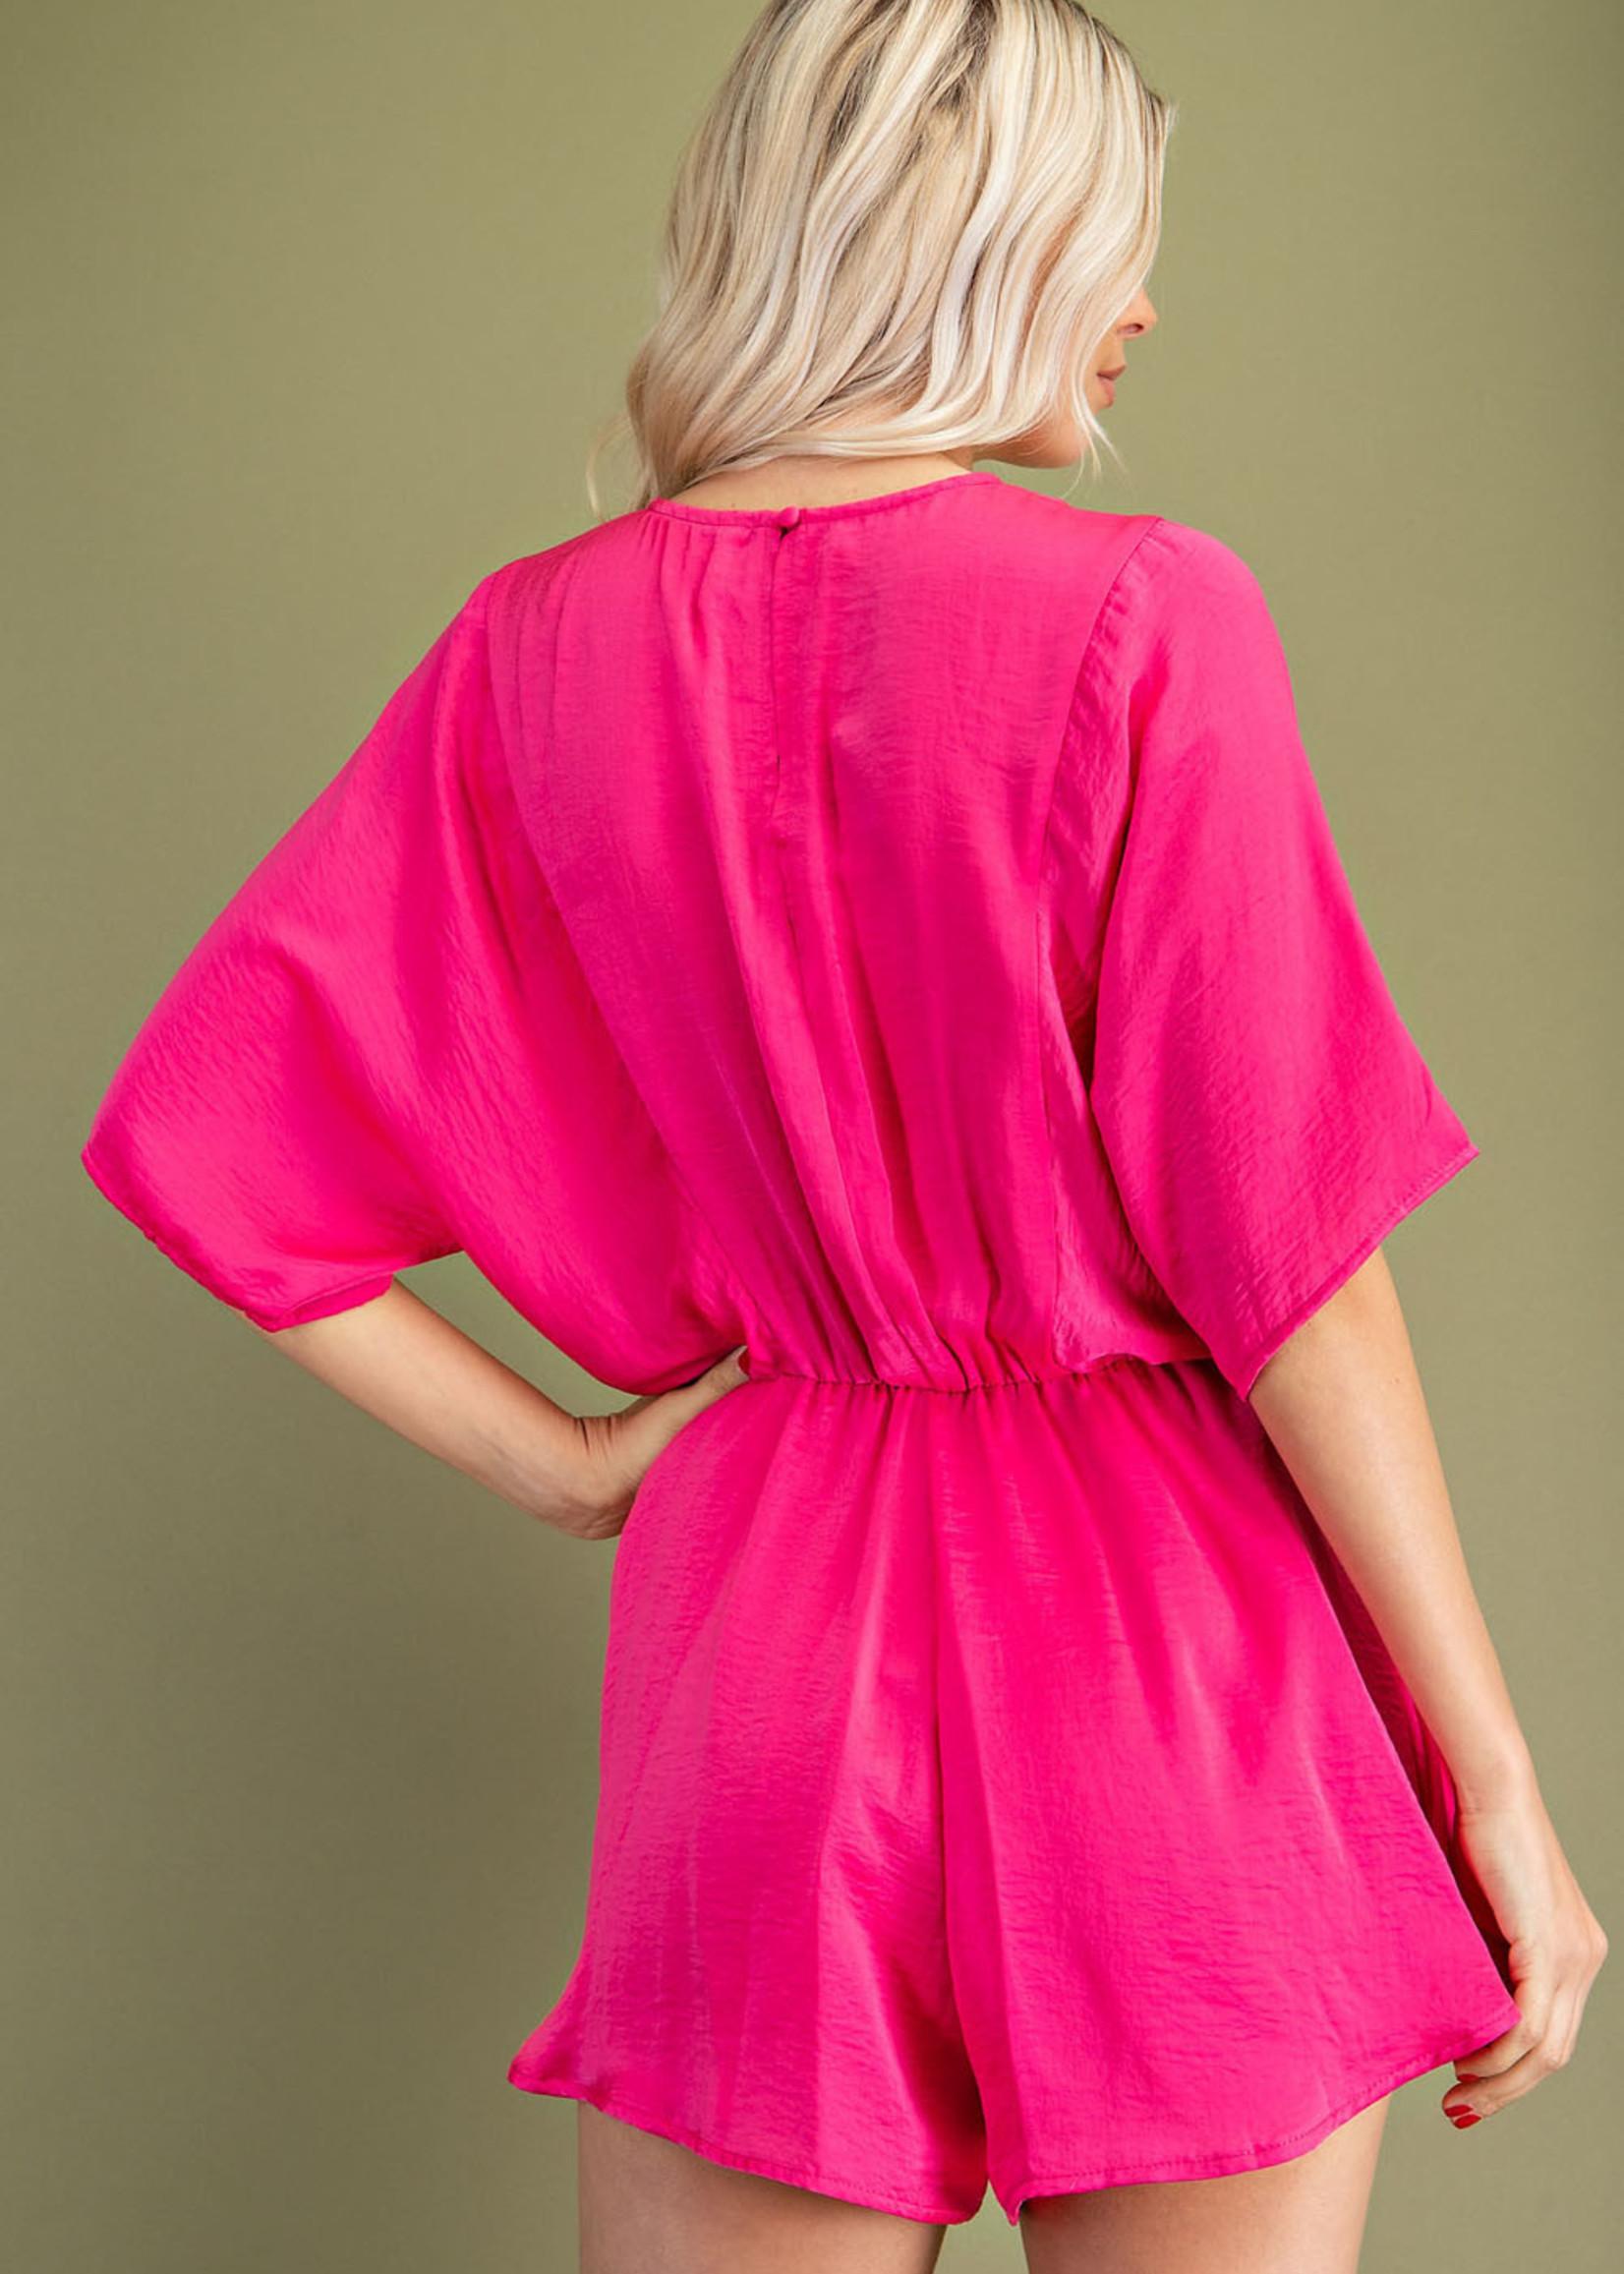 Kimono sleeve romper